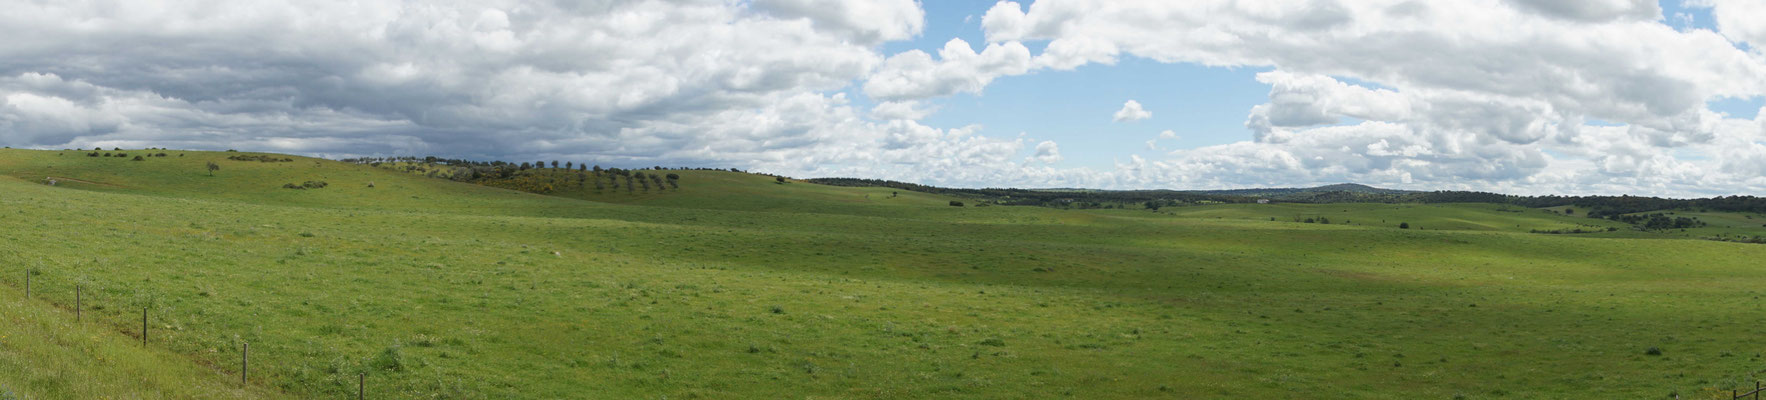 Schöne Landschaft... Prächtig...